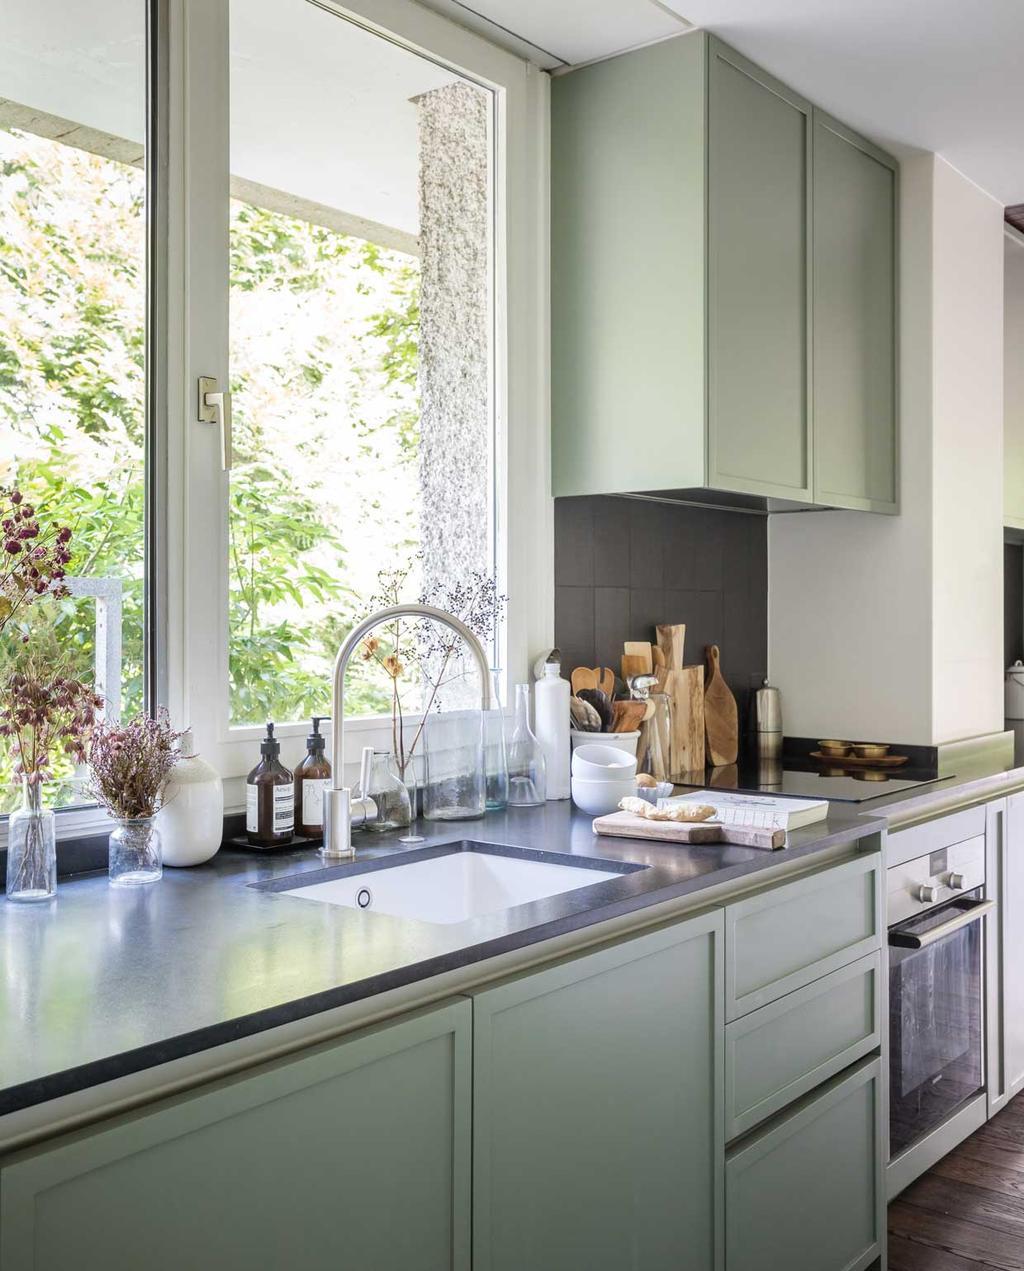 vtwonen 09-2020 | Binnenkijken Frankrijk groene keuken met groot raam